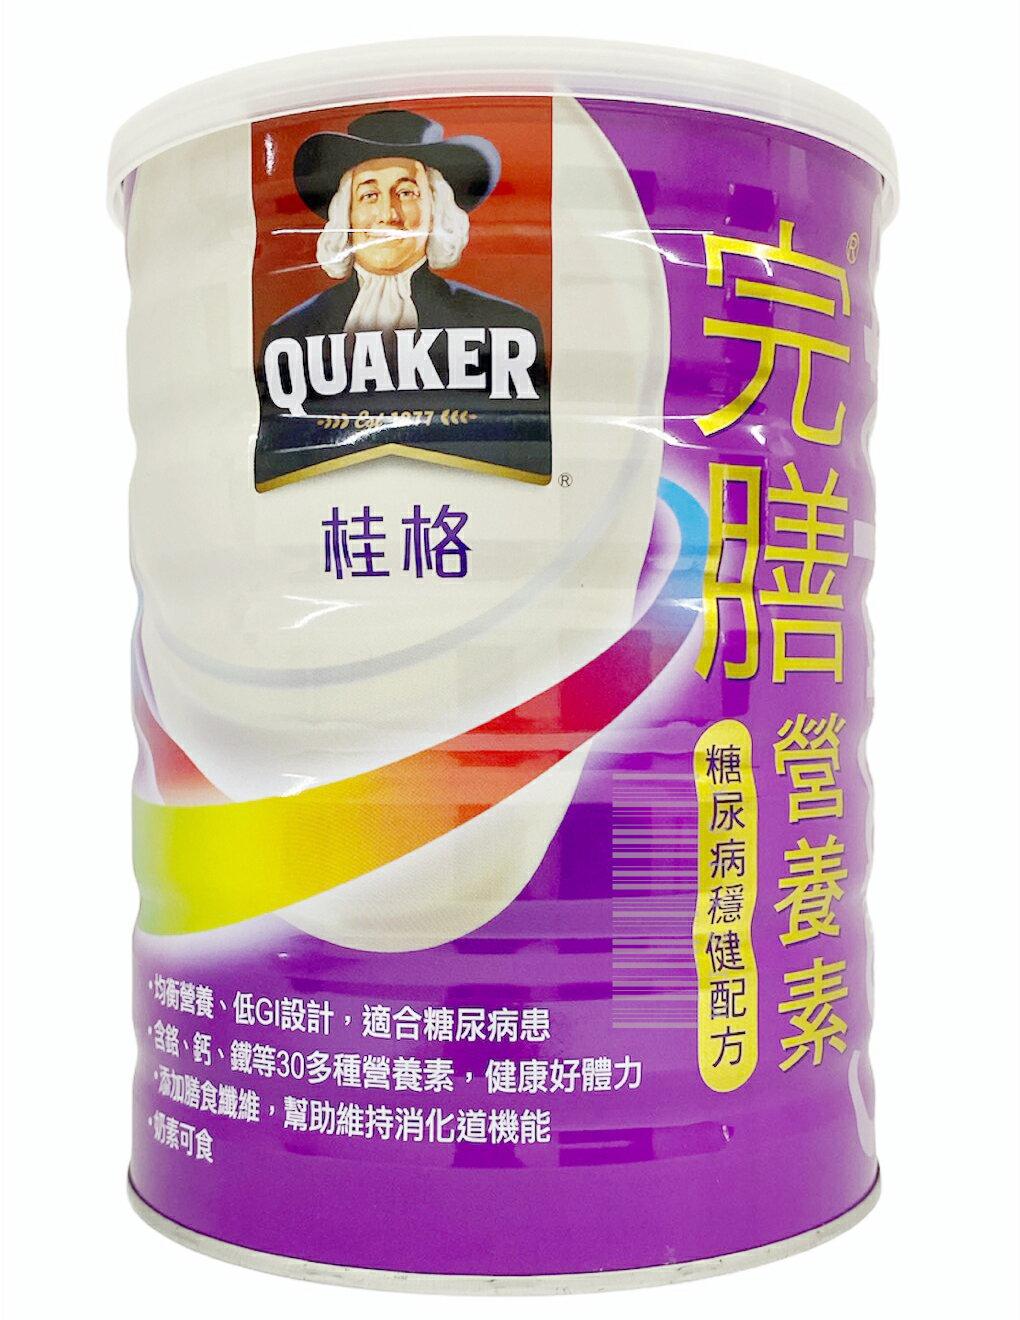 桂格 完膳營養素 (糖尿病專用奶粉) 穩健配方奶粉 900G/罐 020142